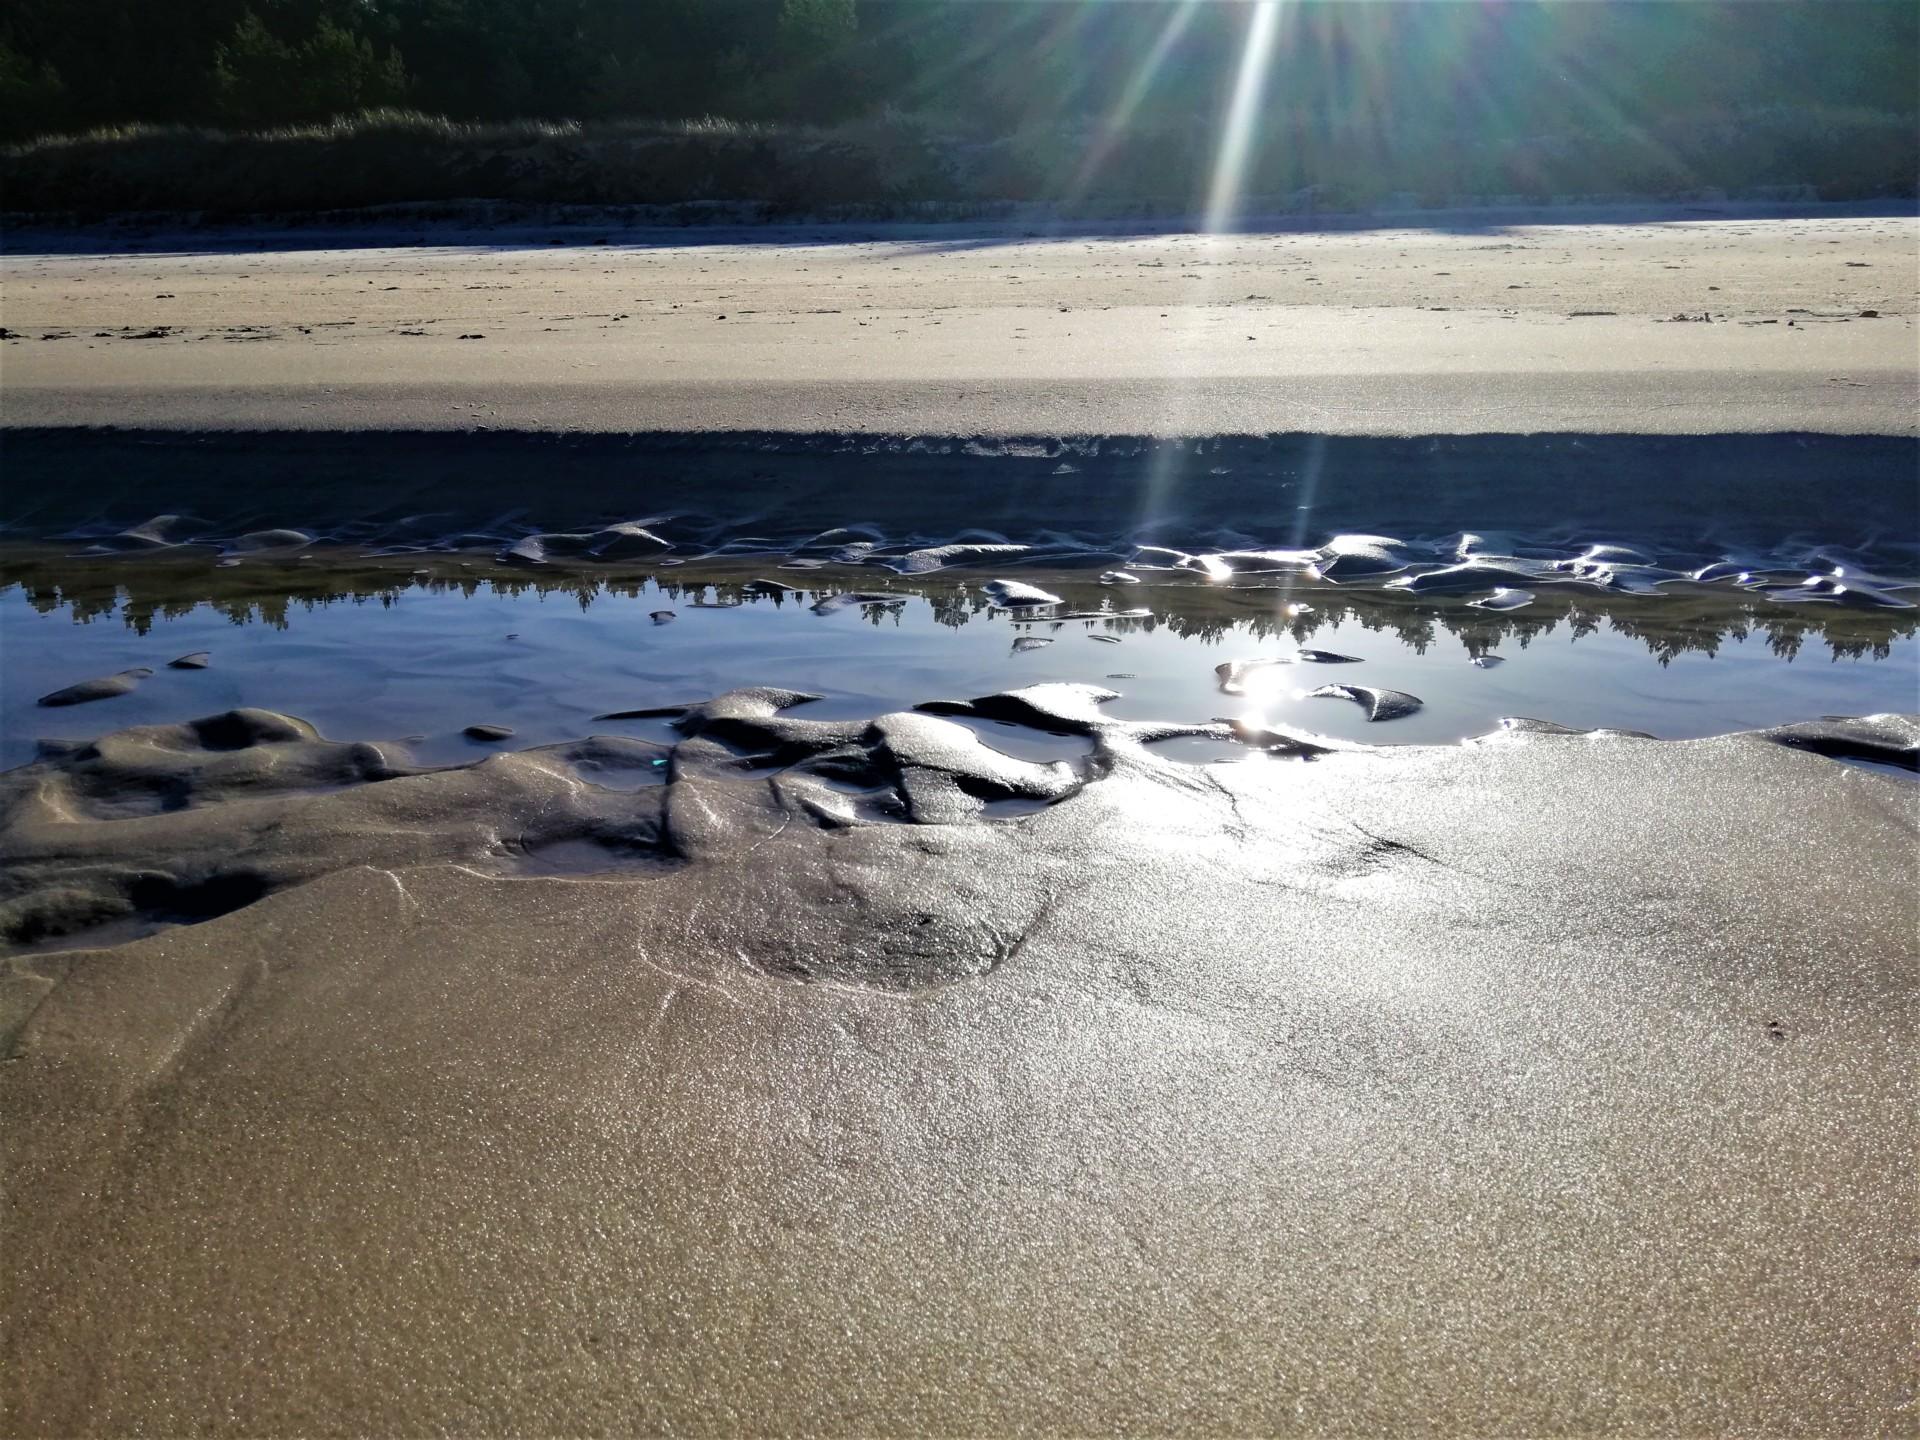 Plaża we władaniu przyrody. Lubiatowo - Kopalino, listopad 2019 11